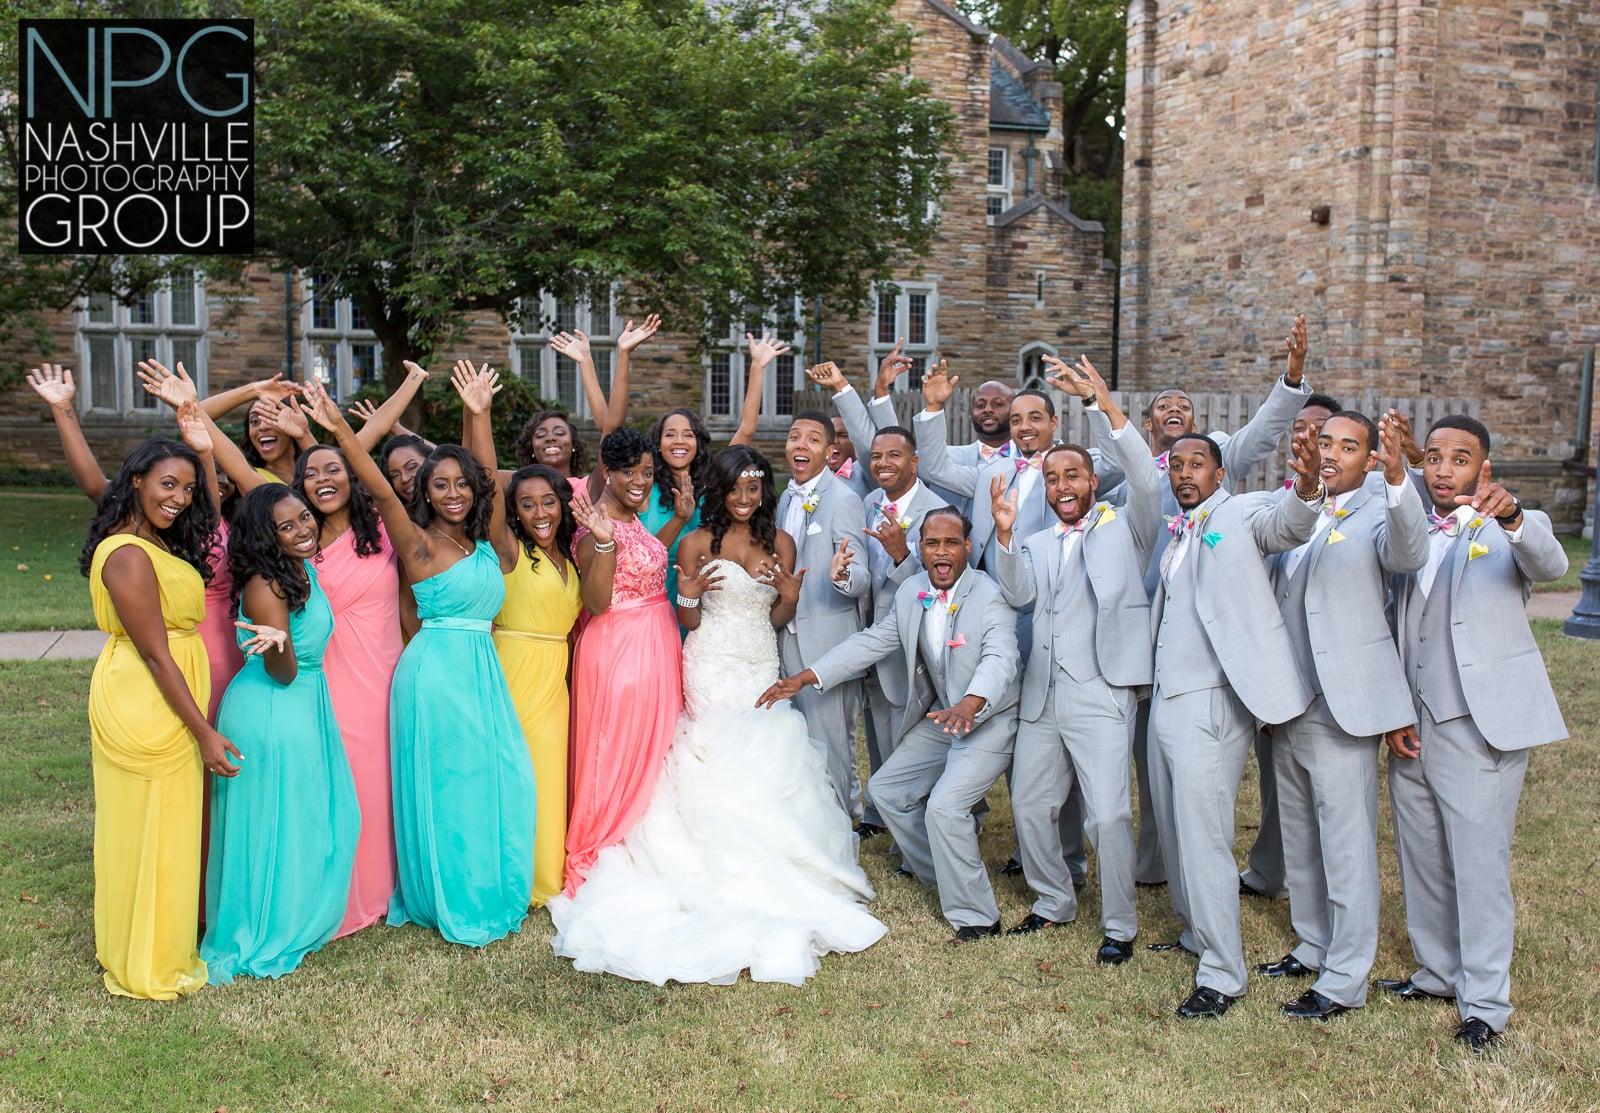 Nashville Photography Group wedding photographers-8.jpg